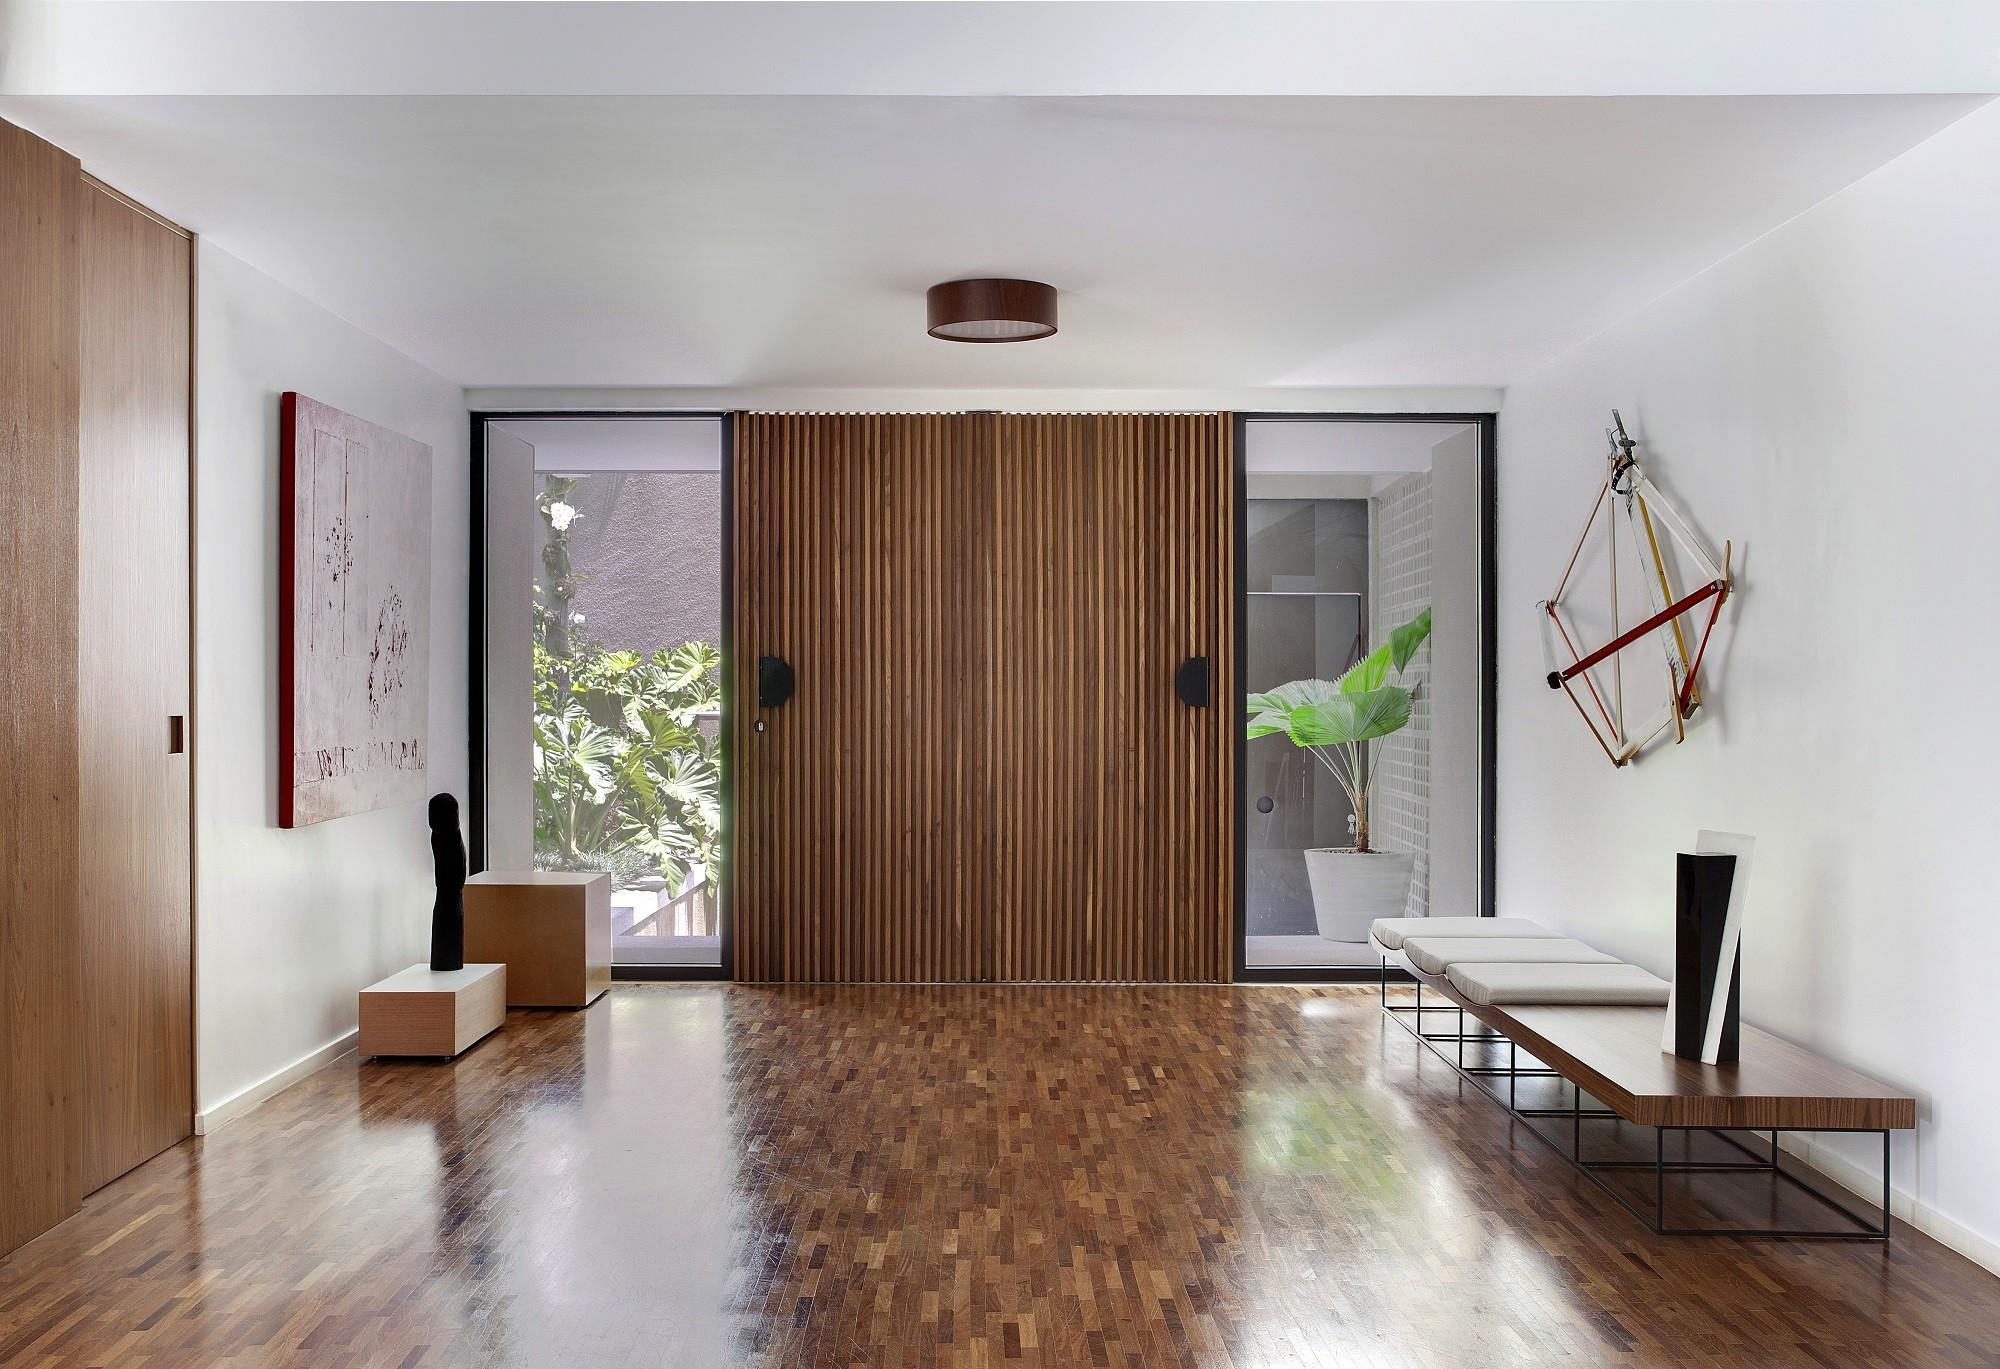 23 projetos incríveis com portas mimetizadas (Foto: Denilson Machado/MCA Estúdio/Divulgação)